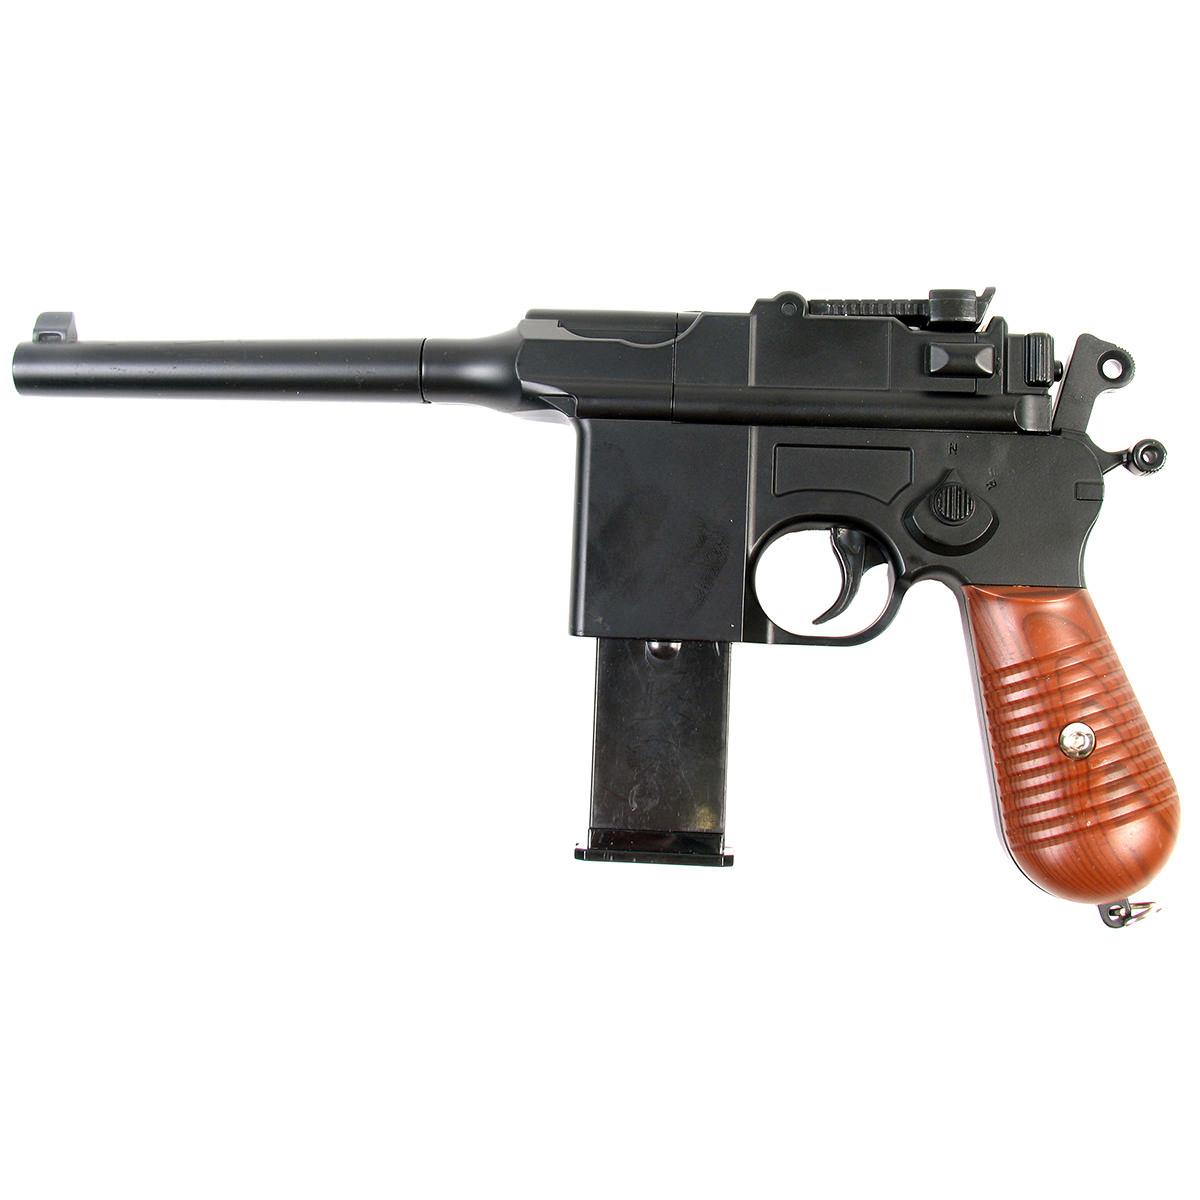 Пистолет страйкбольный Galaxy G.12, пружинный, 6 мм gletcher магазин для пистолета gletcher pm